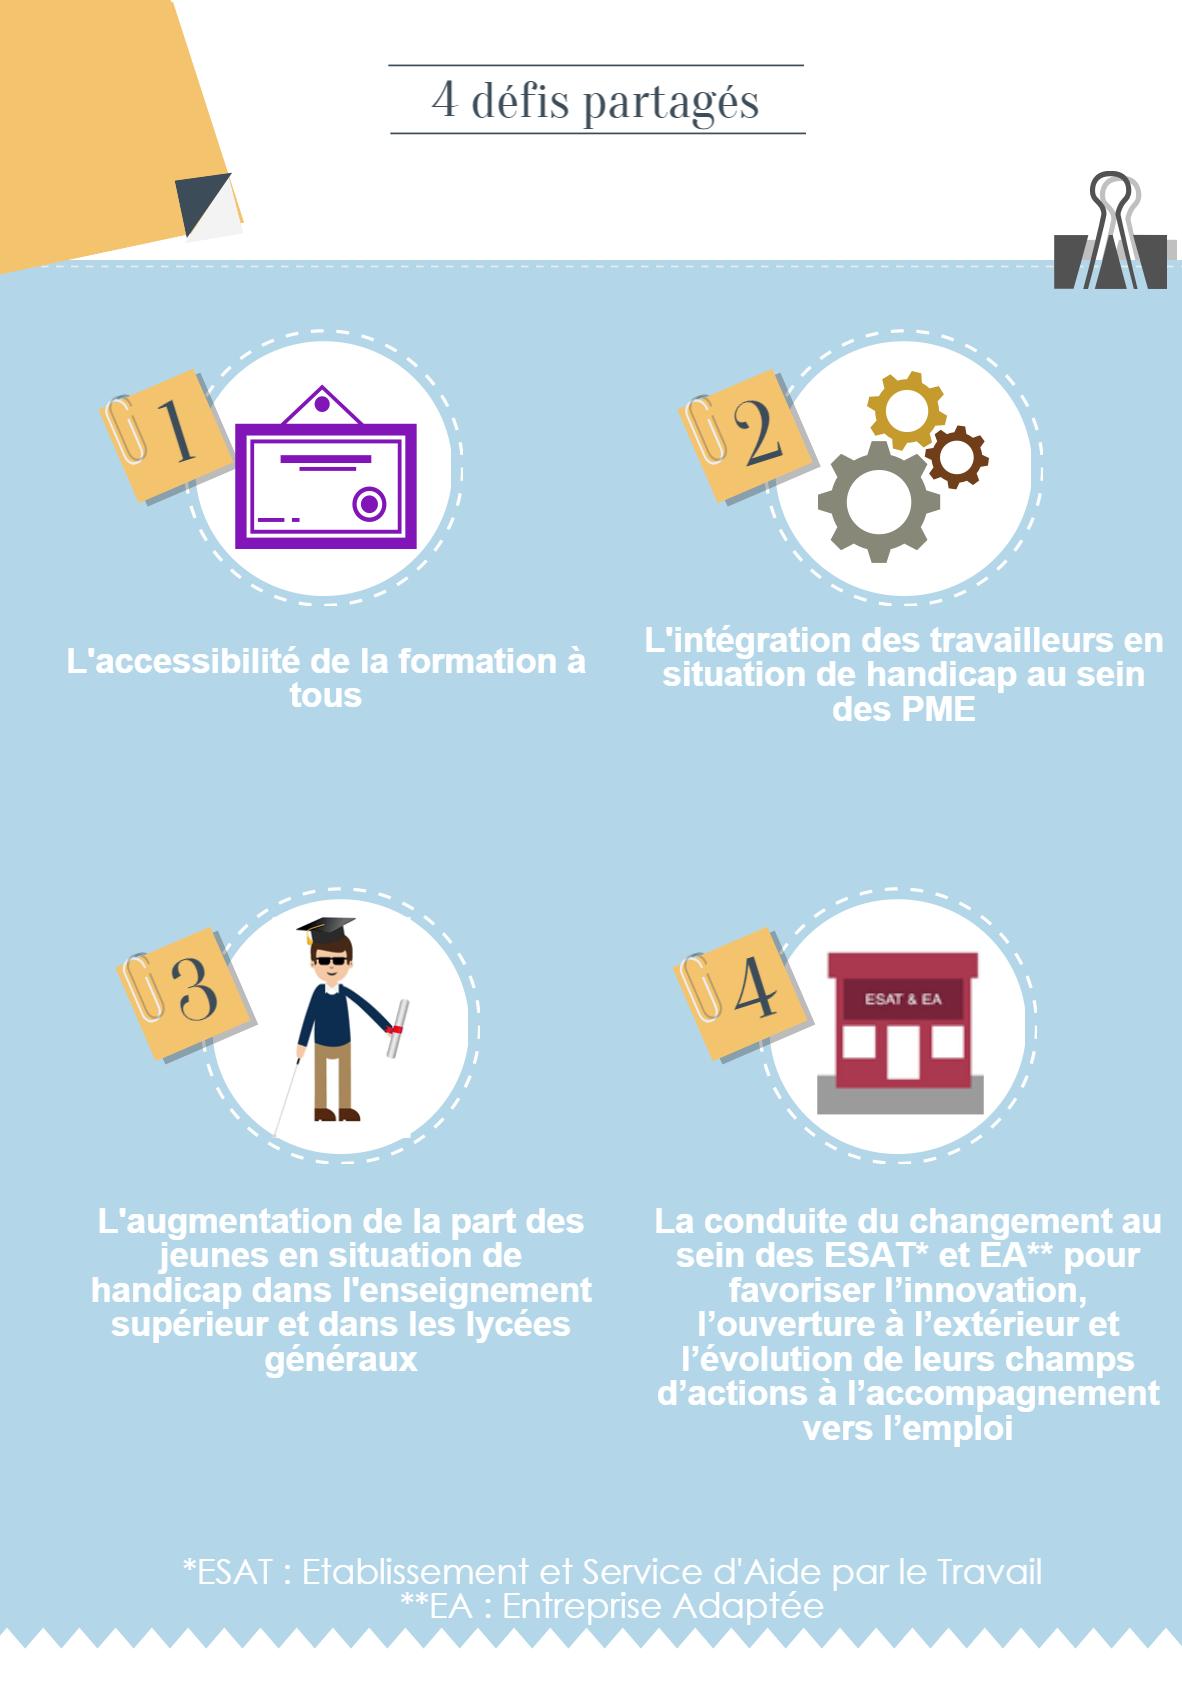 4 défis partagés: L'accessibilité de la formation à tous L'intégration des travailleurs en situation de handicap au sein des PME L'augmentation de la part des jeunes en situation de handicap dans l'enseignement supérieur et dans les lycées généraux La conduite du changement au sein des ESAT* et EA** pour favoriser l'innovation, l'ouverture à l'extérieur et l'évolution de leurs champs d'actions à l'accompagnement vers l'emploi *ESAT: Etablissement et Service d'Aide par le Travail **EA: Entreprise Adaptée